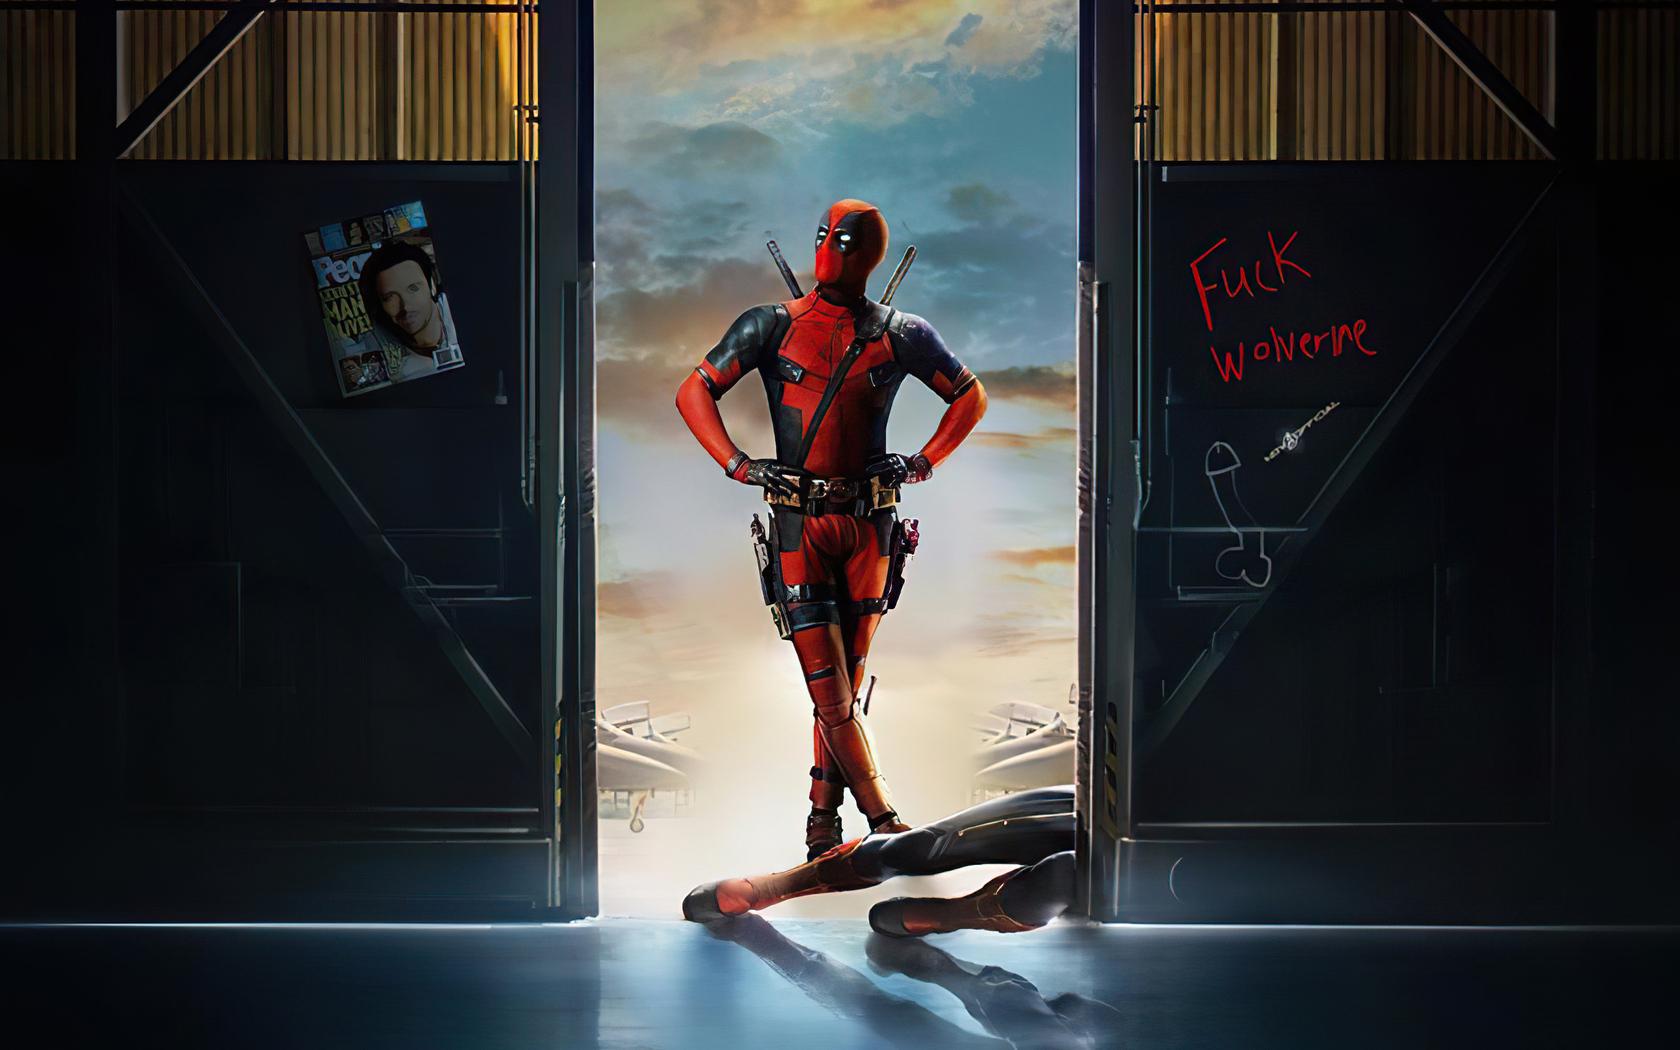 deadpool-in-captain-marvel-universe-bw.jpg